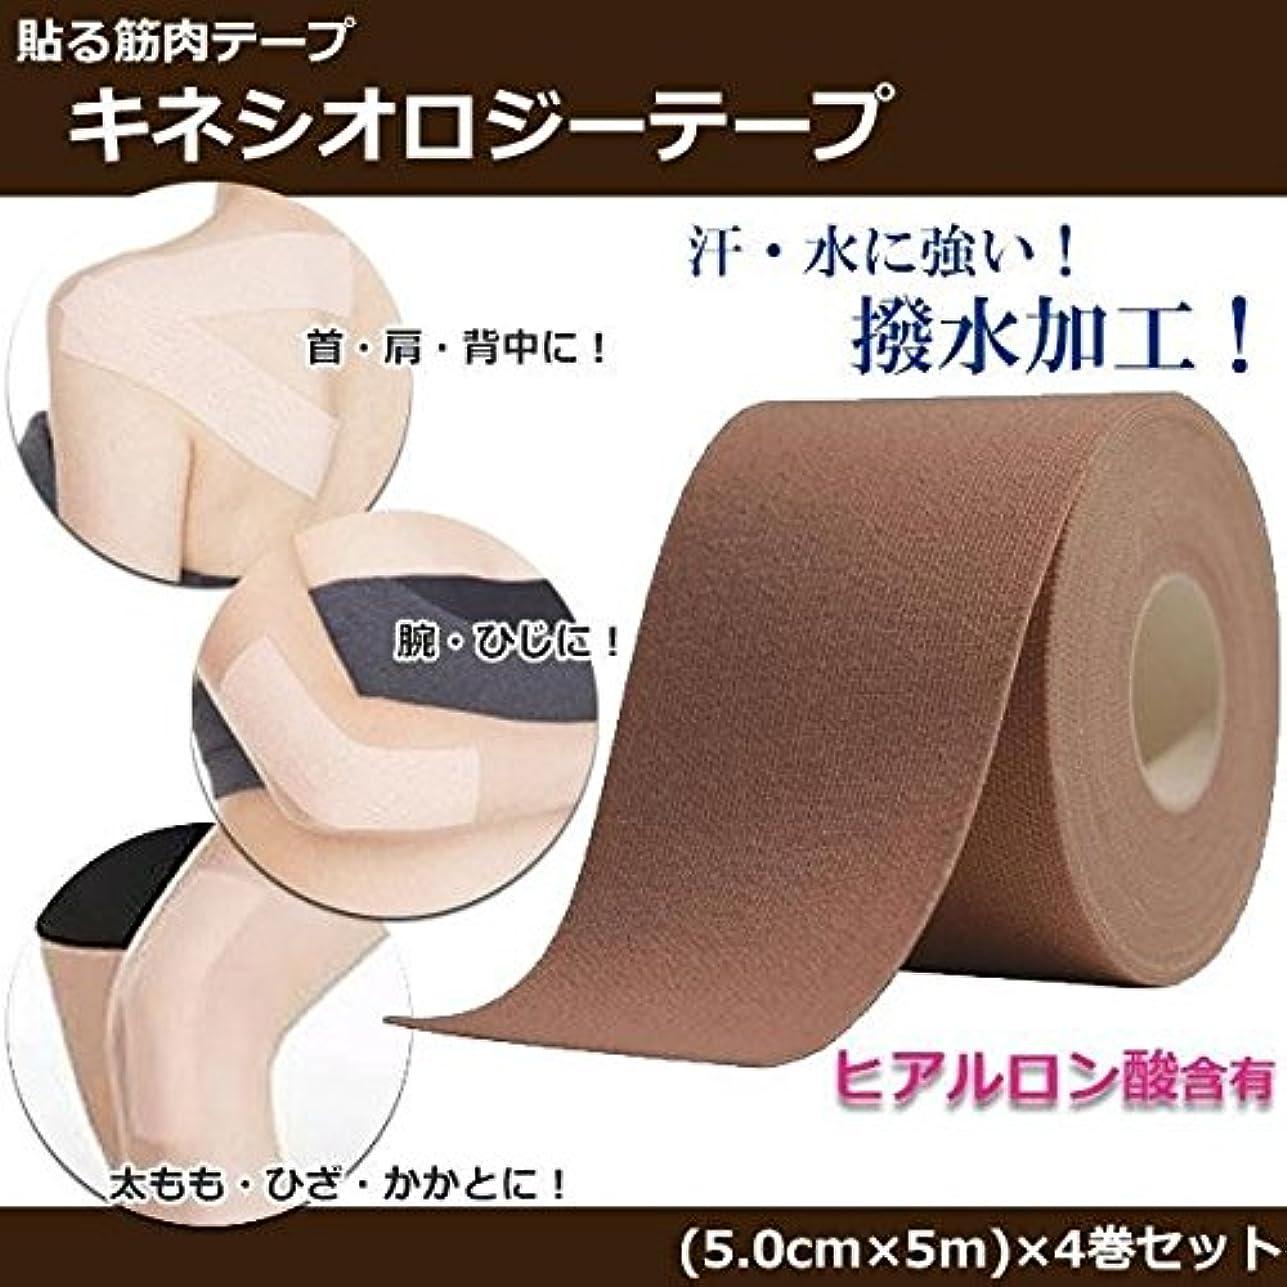 批評収入湿地貼る筋肉テープ キネシオロジーテープ ヒアルロン酸含有 日本製 4巻セット